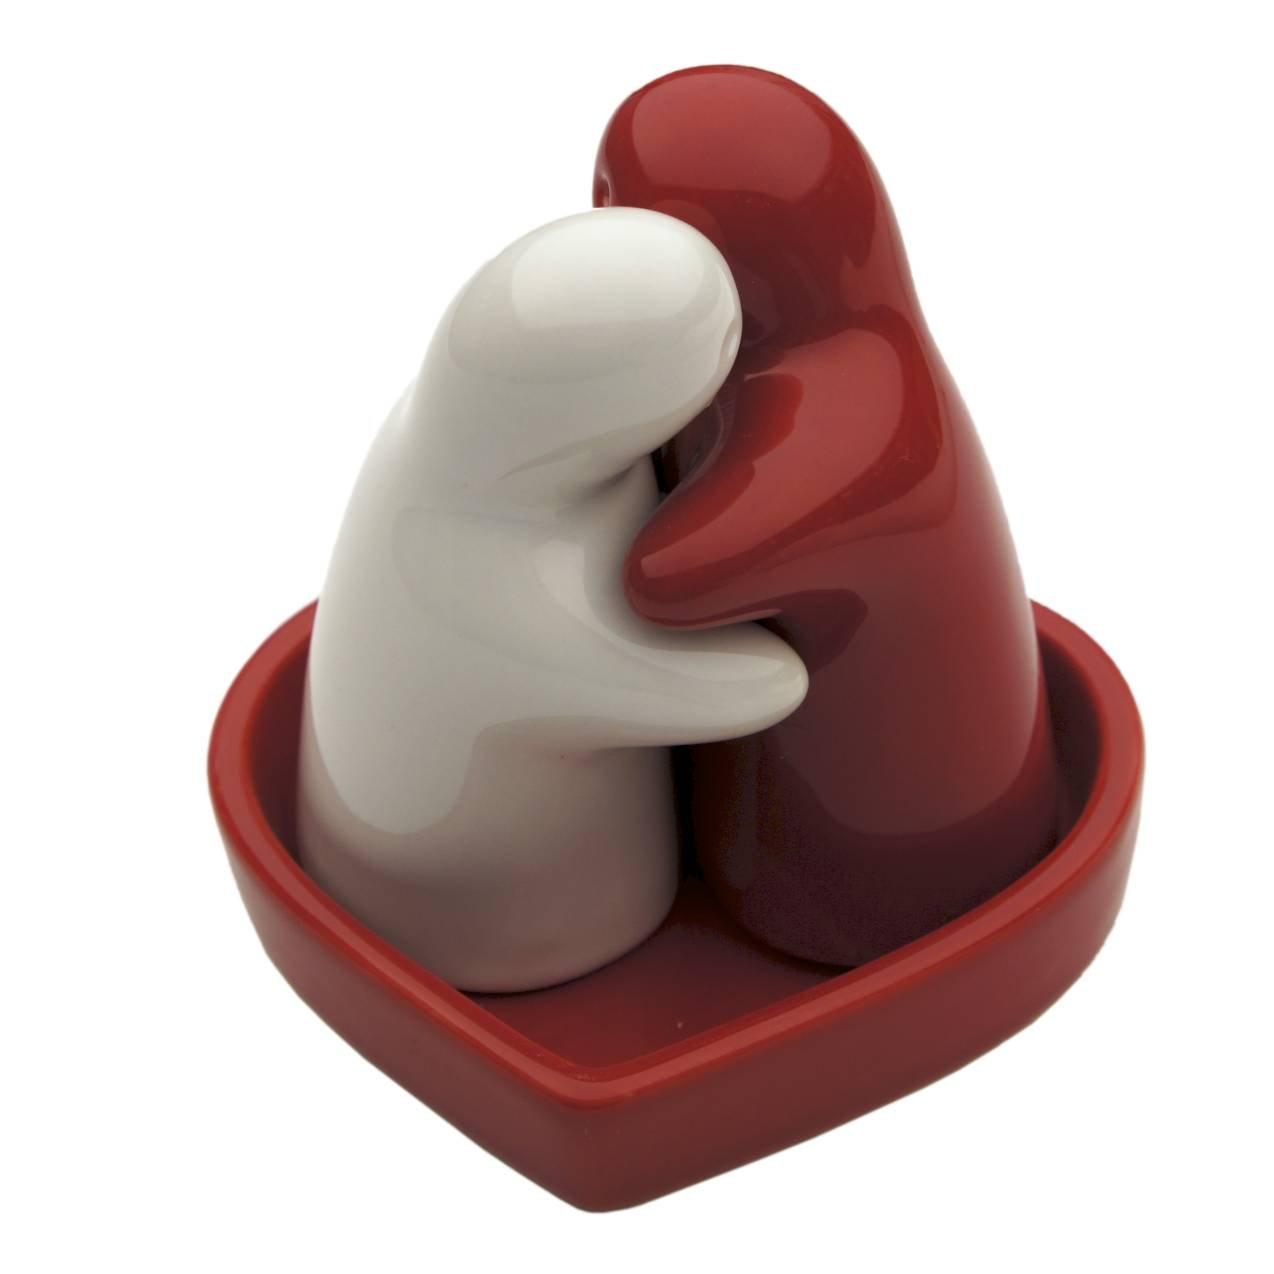 saliere et poivriere design bijoux cadeau amoureux amour ceramique rouge blanc avec un plat rouge